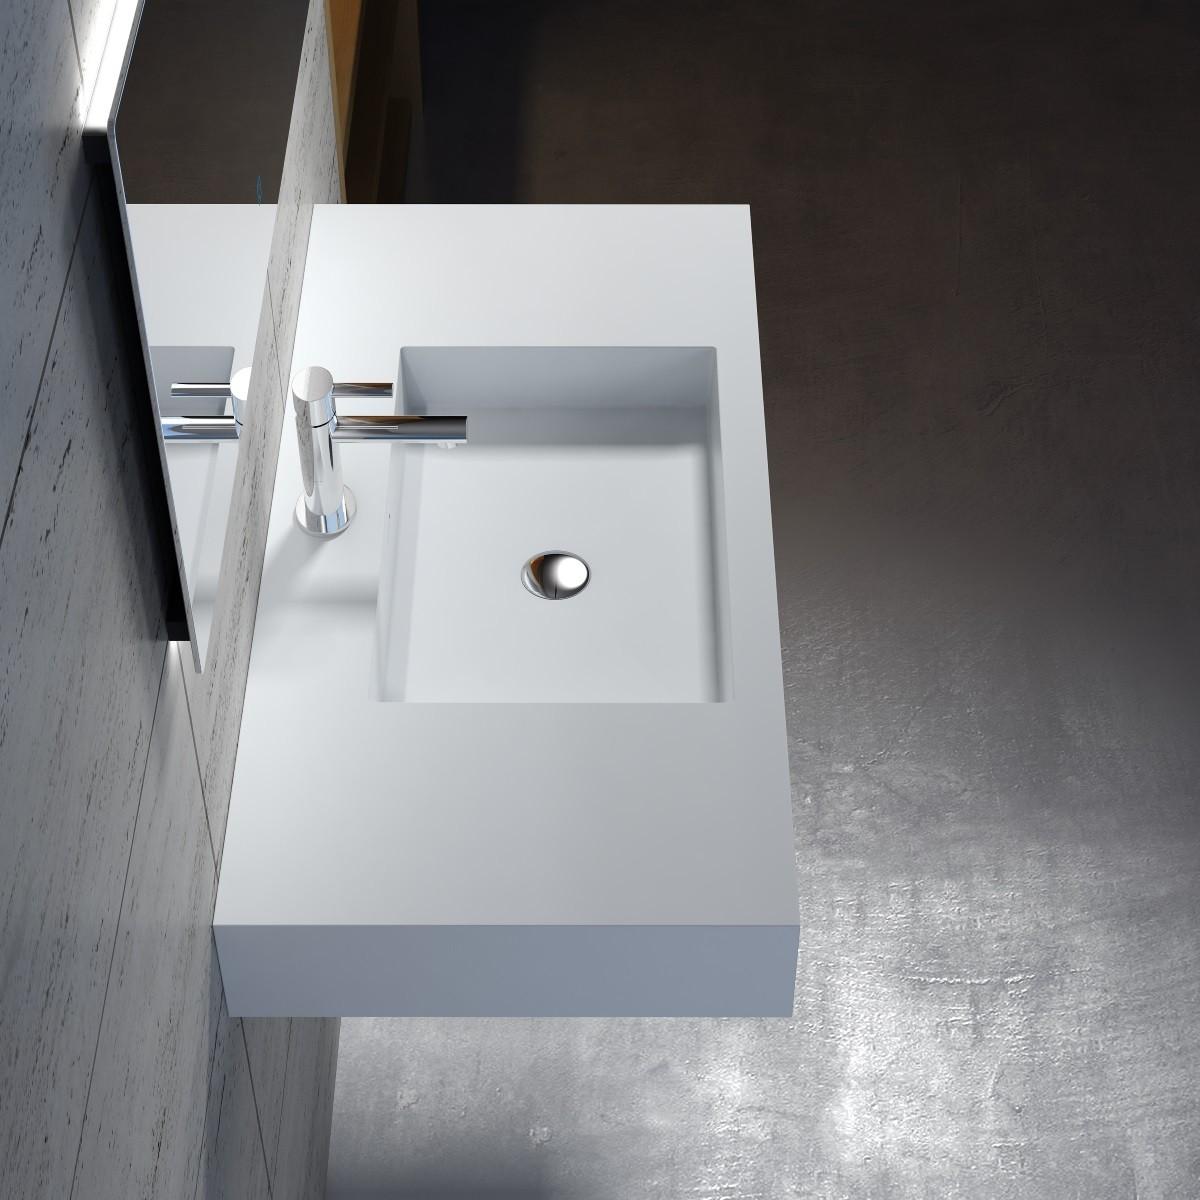 waschtisch k76 waschtische mineralguss badausstattung. Black Bedroom Furniture Sets. Home Design Ideas